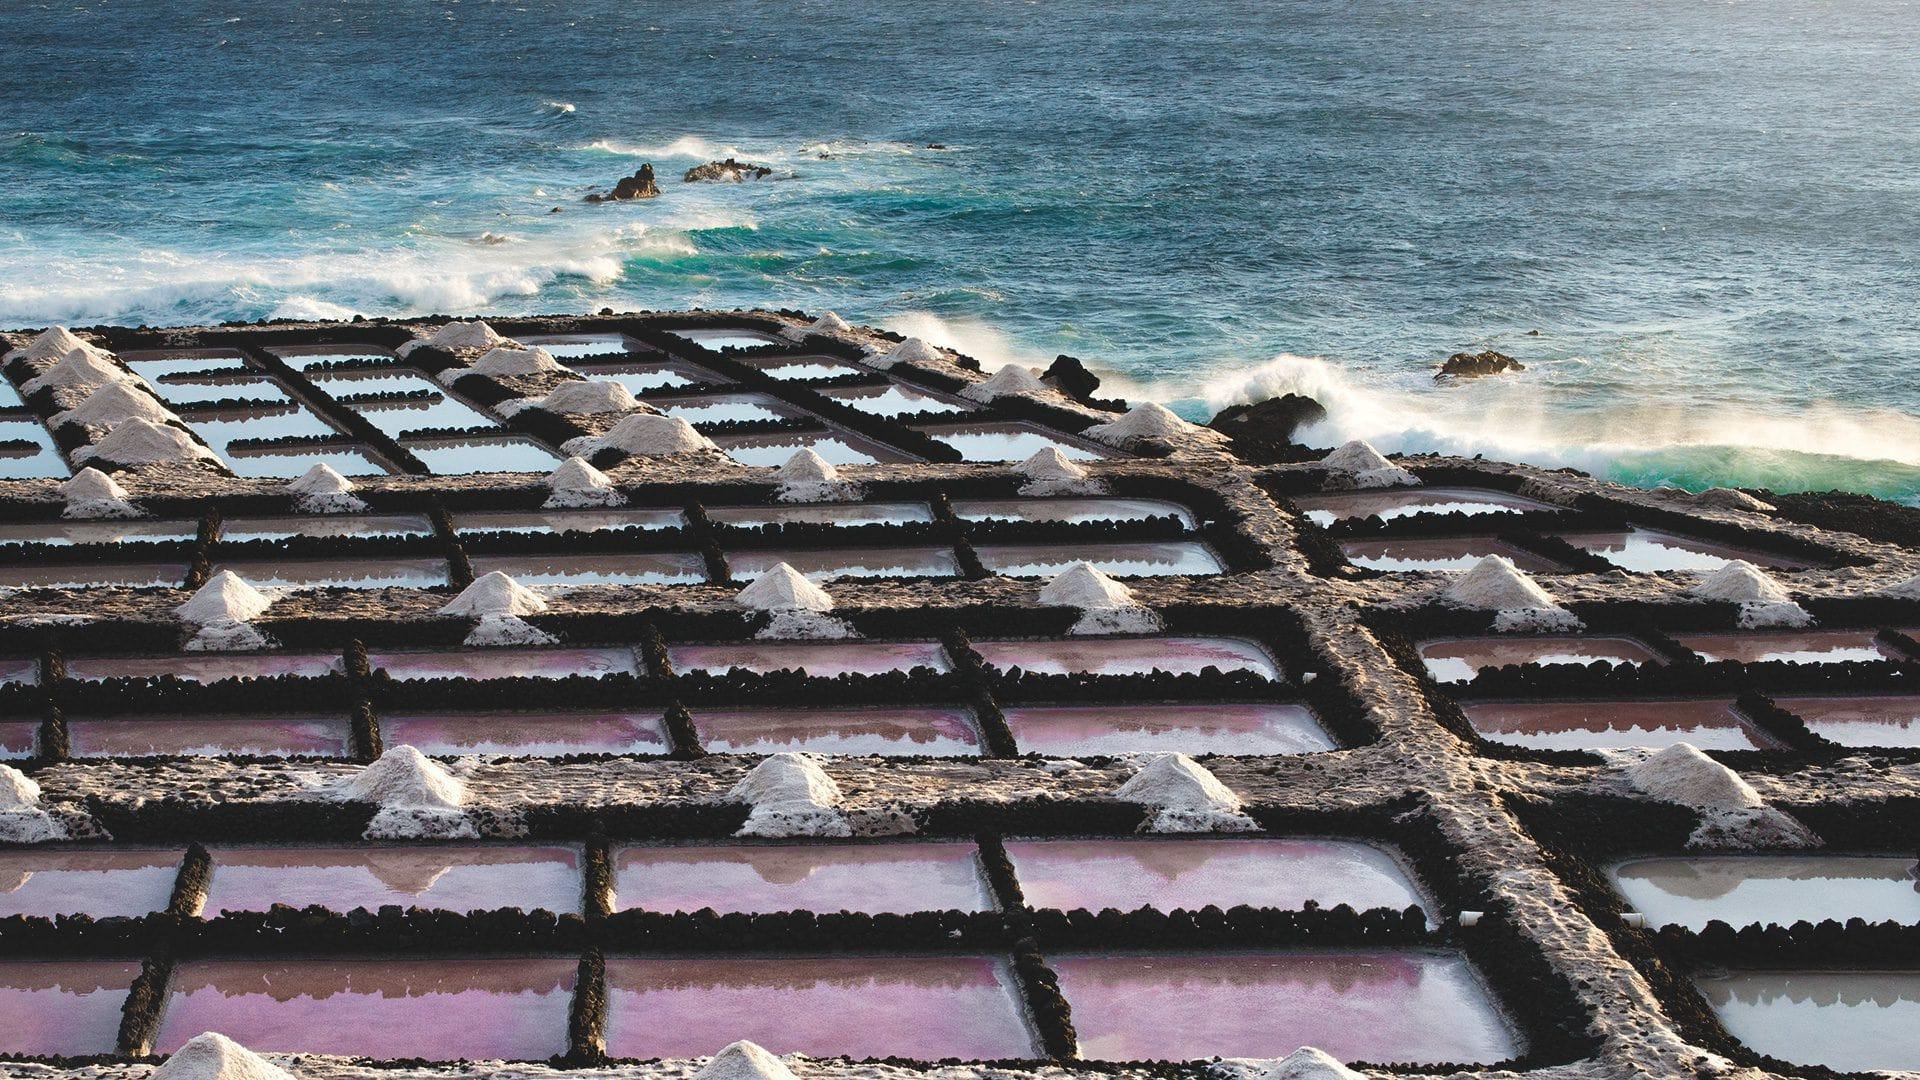 Qué ver en La Palma Canarias | Rojo Cangrejo Blog de Viajes